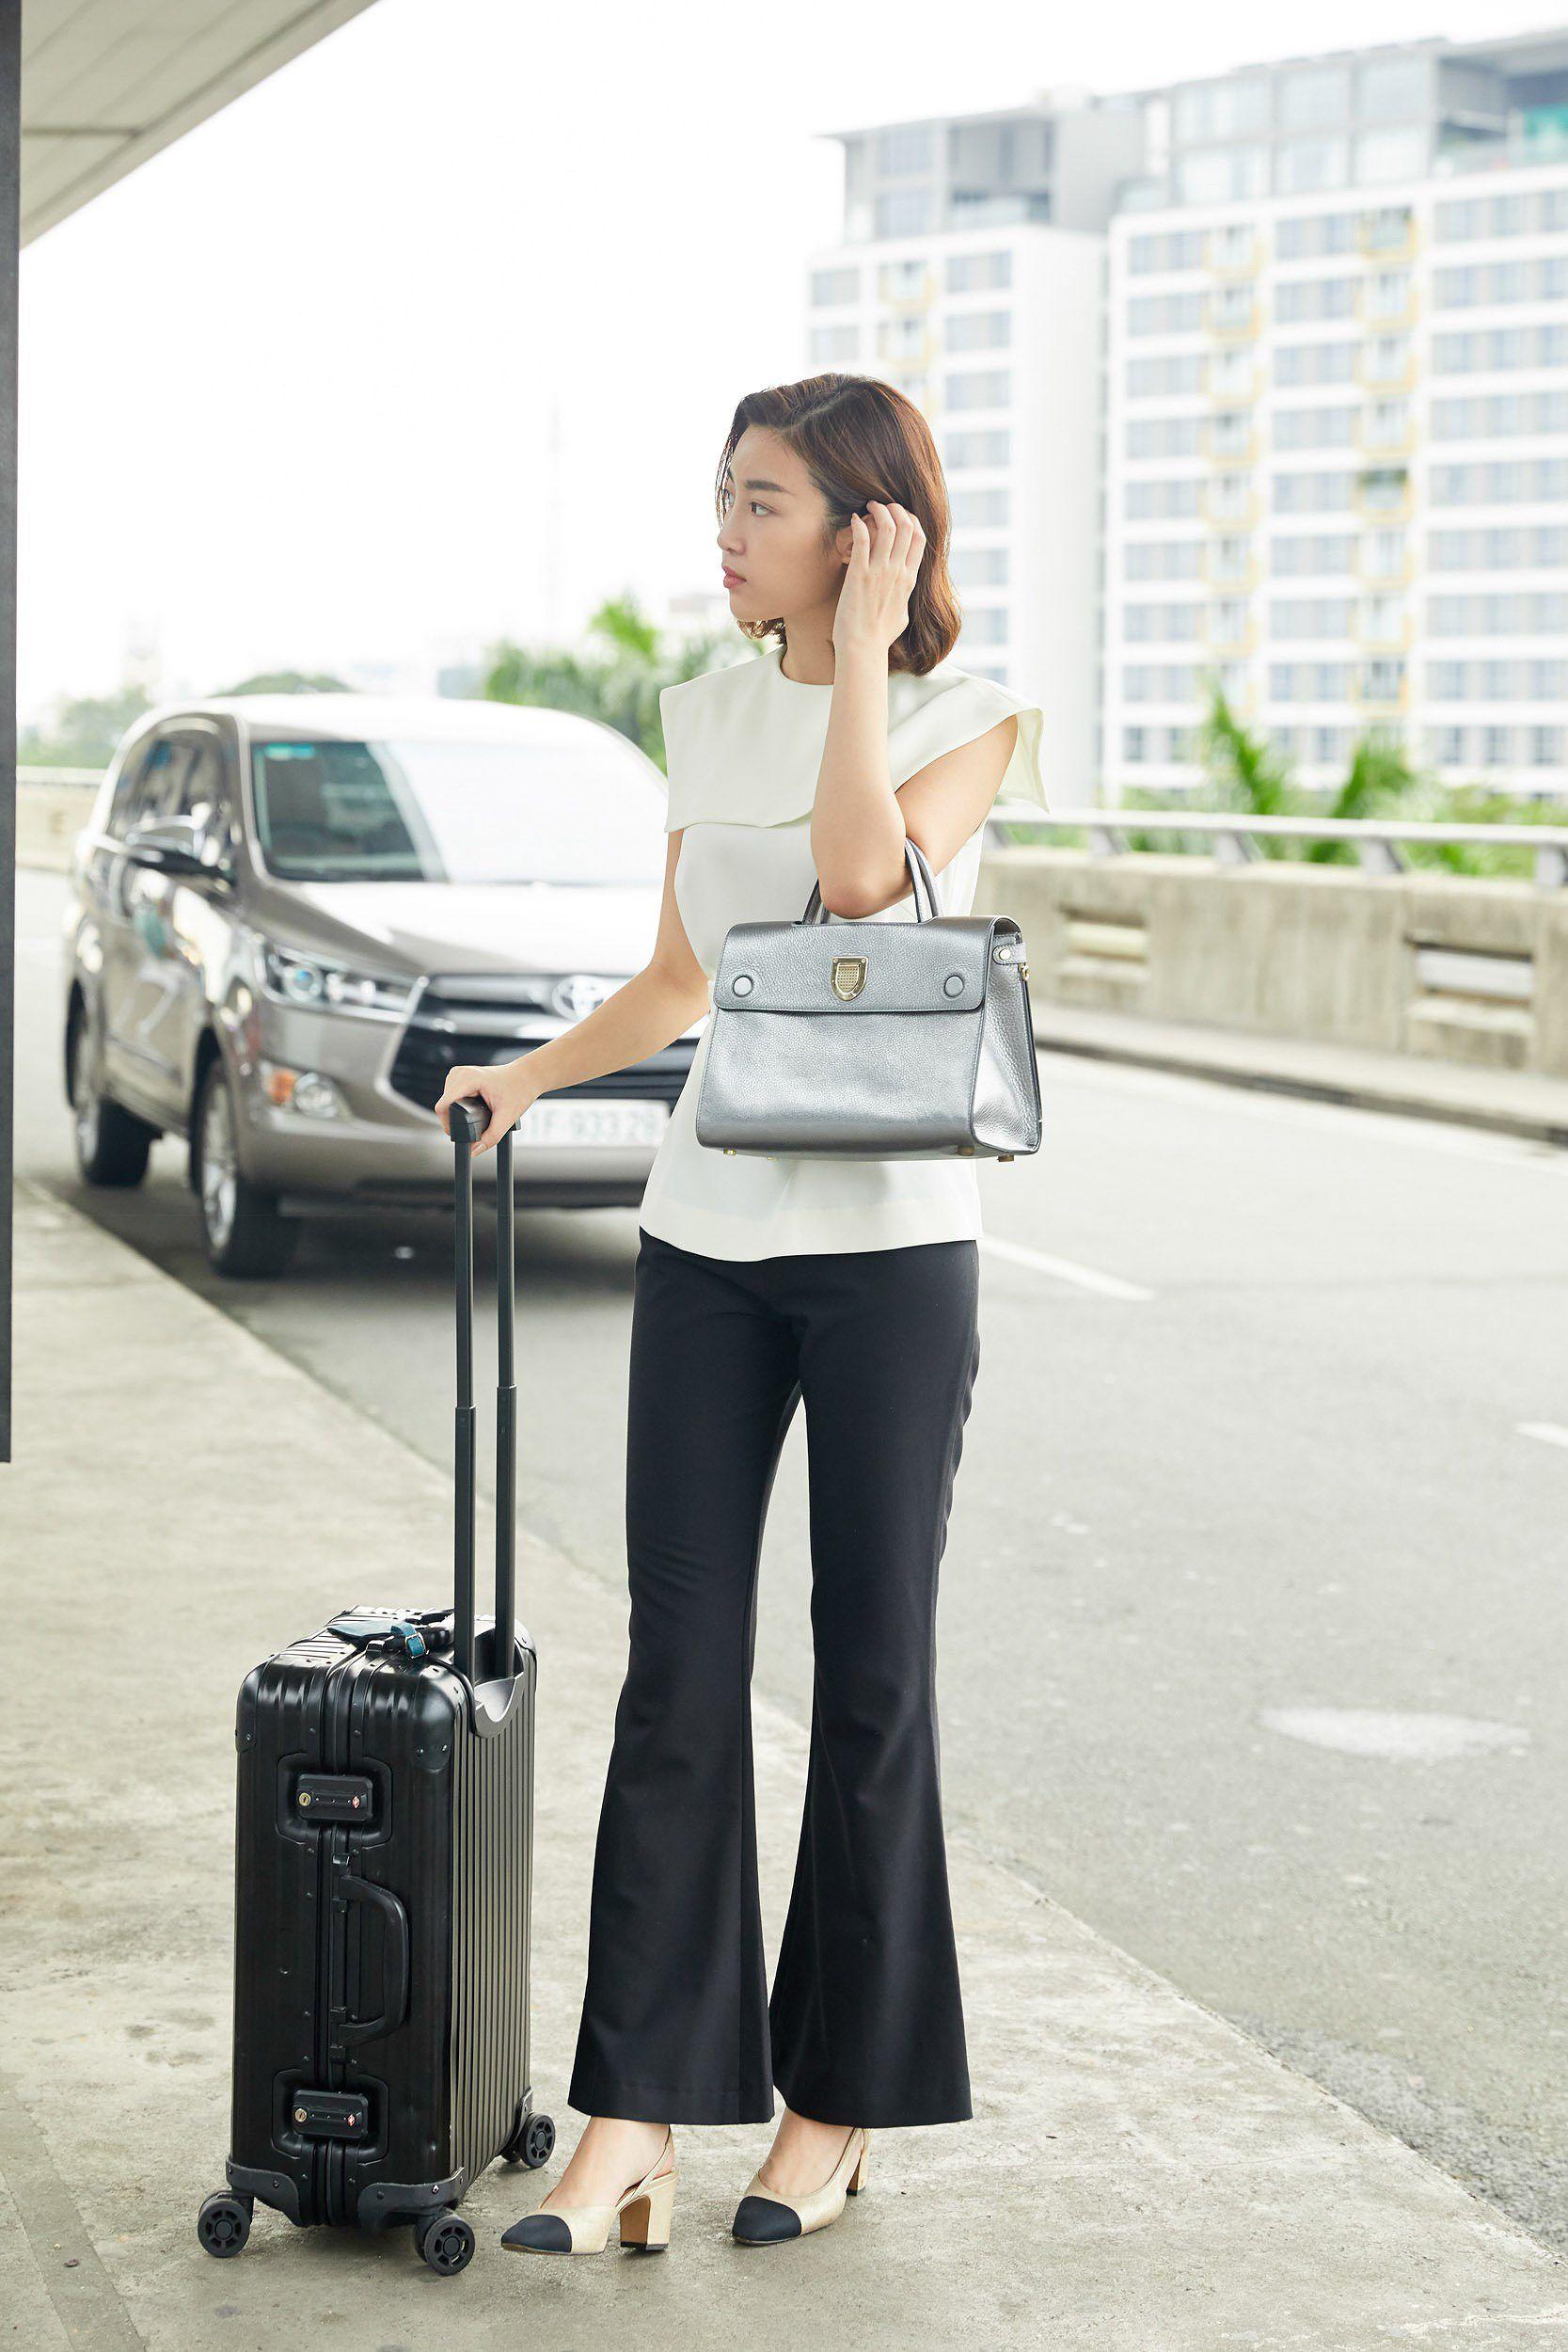 Hoa hậu Đỗ Mỹ Linh và Phương Ly đọ mặt mộc xinh đẹp tại sân bay Ảnh 3